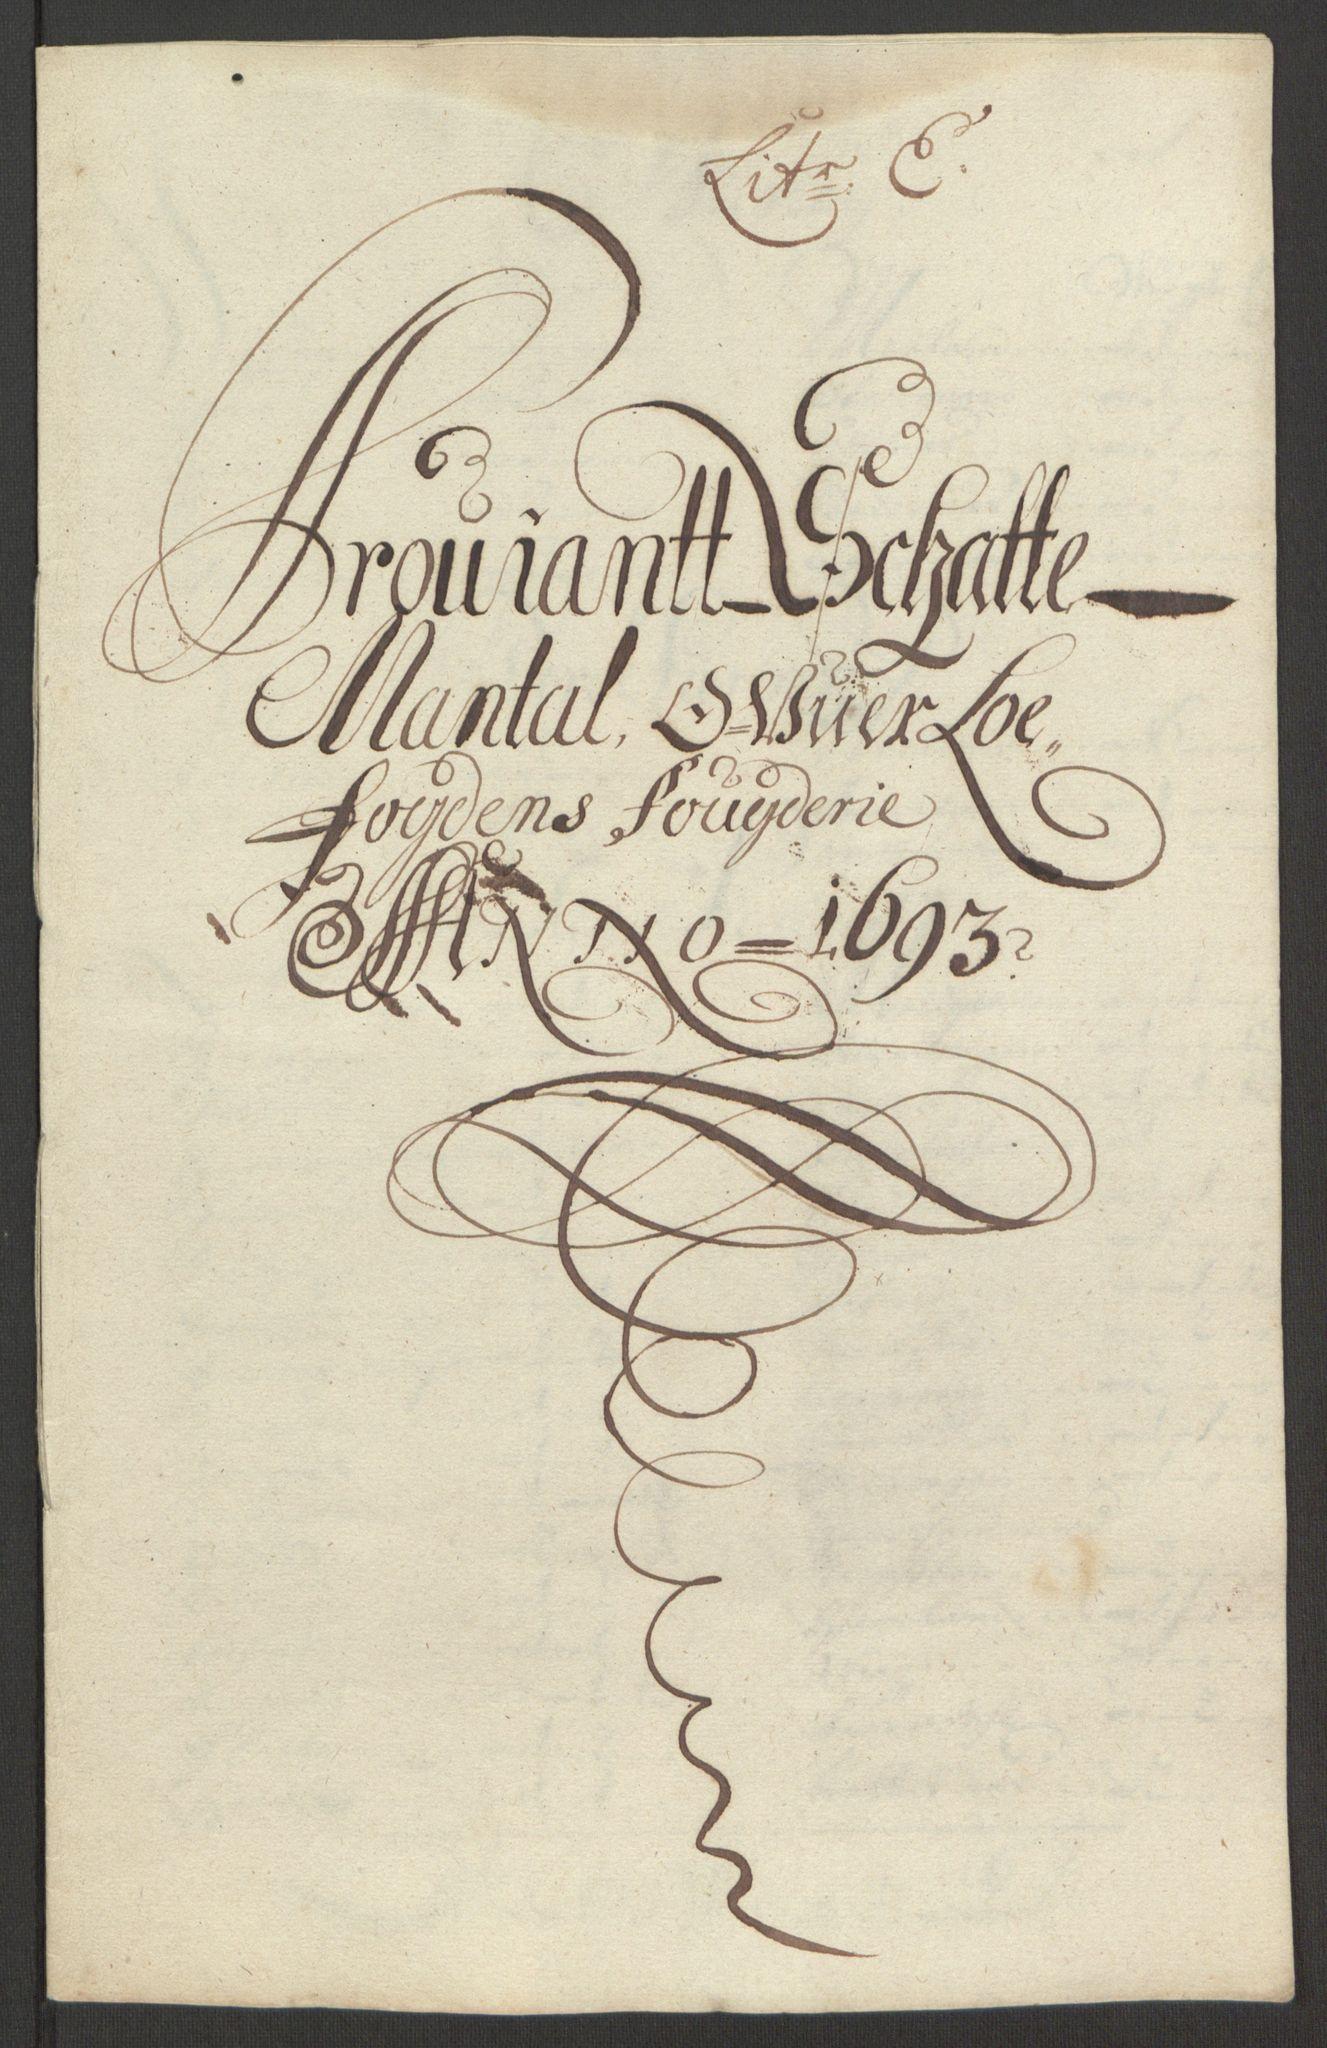 RA, Rentekammeret inntil 1814, Reviderte regnskaper, Fogderegnskap, R67/L4675: Fogderegnskap Vesterålen, Andenes og Lofoten, 1691-1693, s. 264